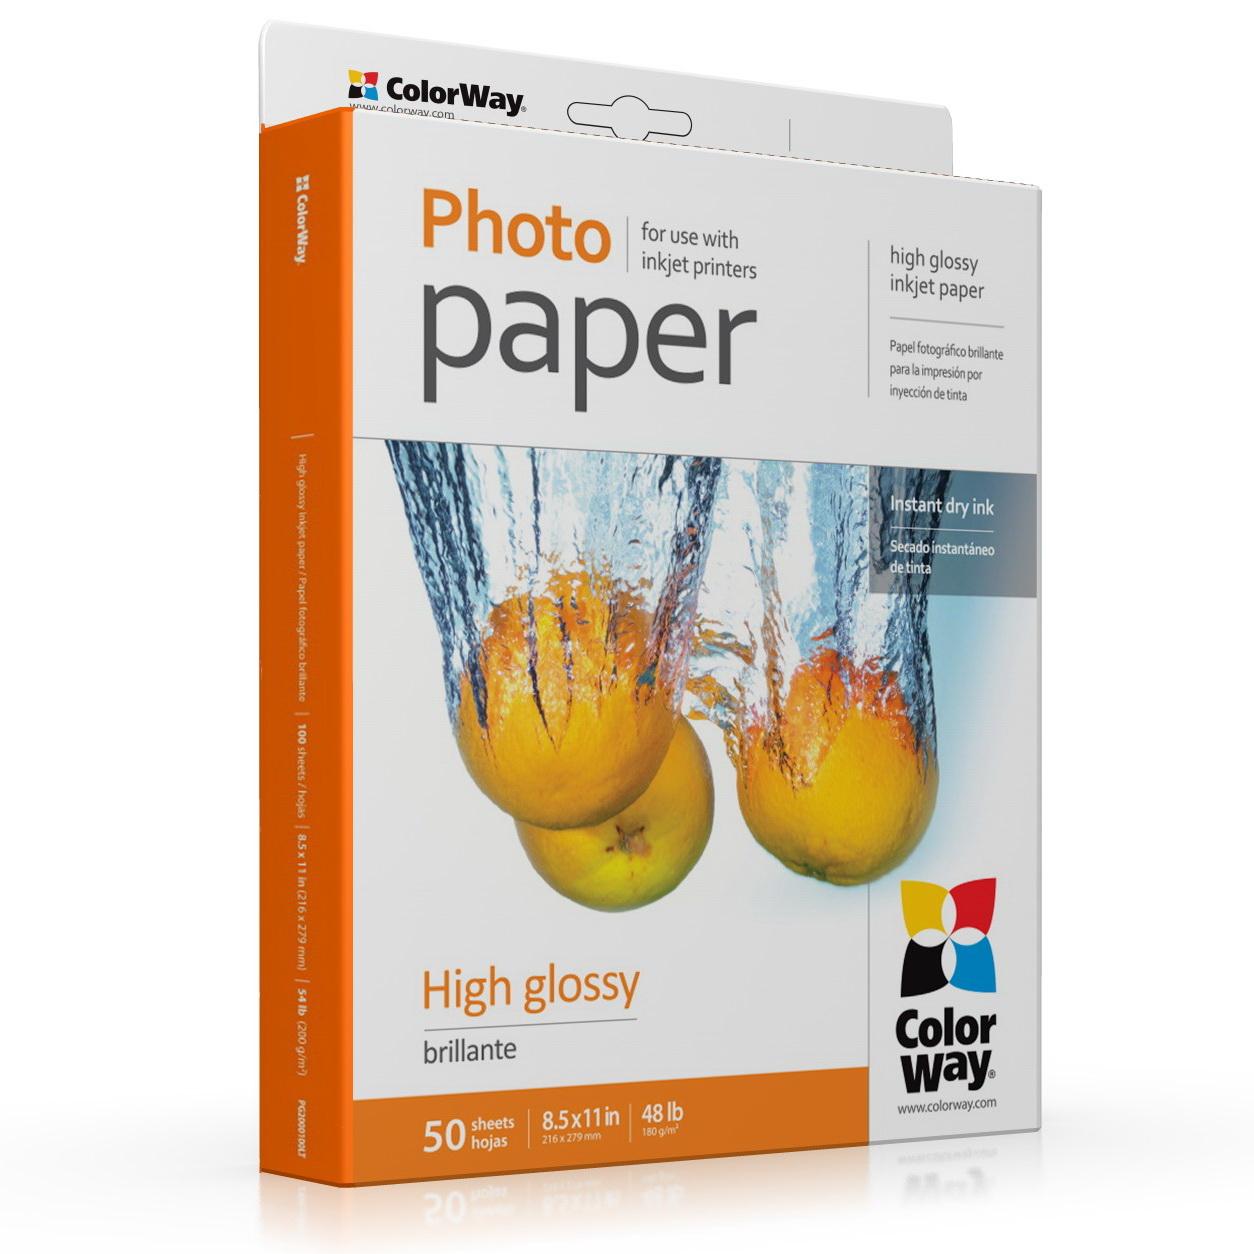 Photo Paper Colorway Full Colorway En Us 1